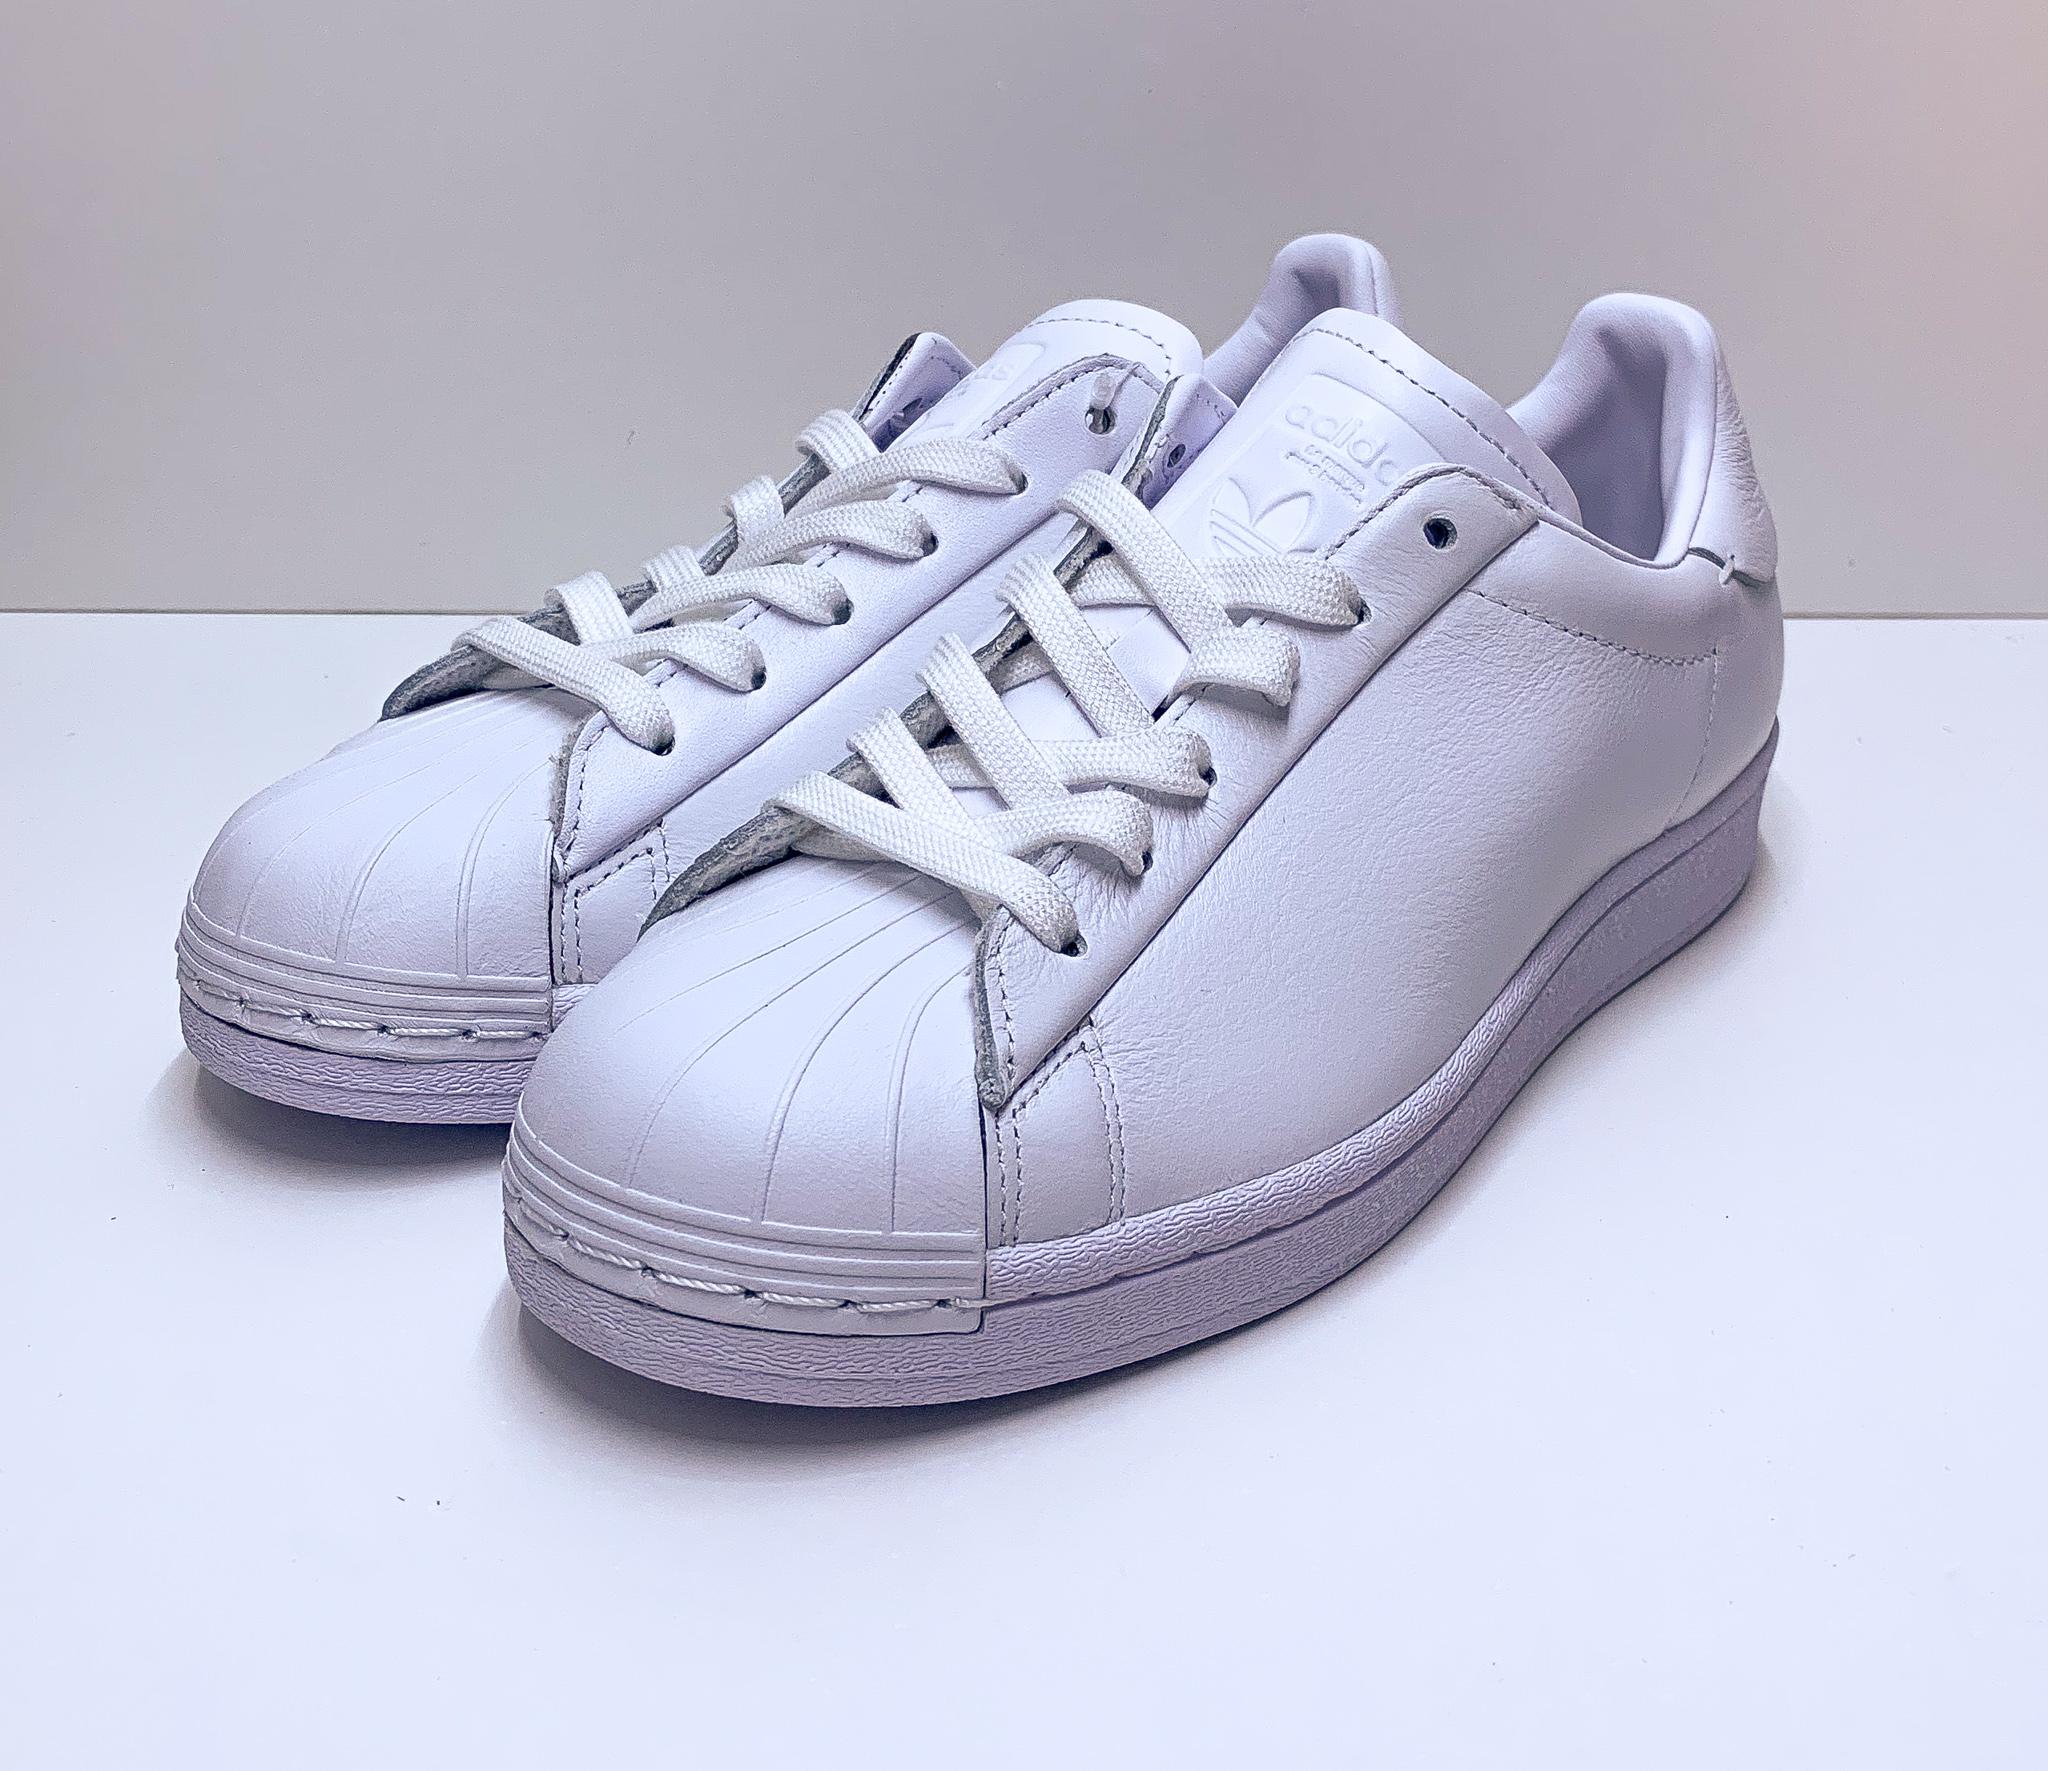 Adidas Superstar Pure LT Wmns